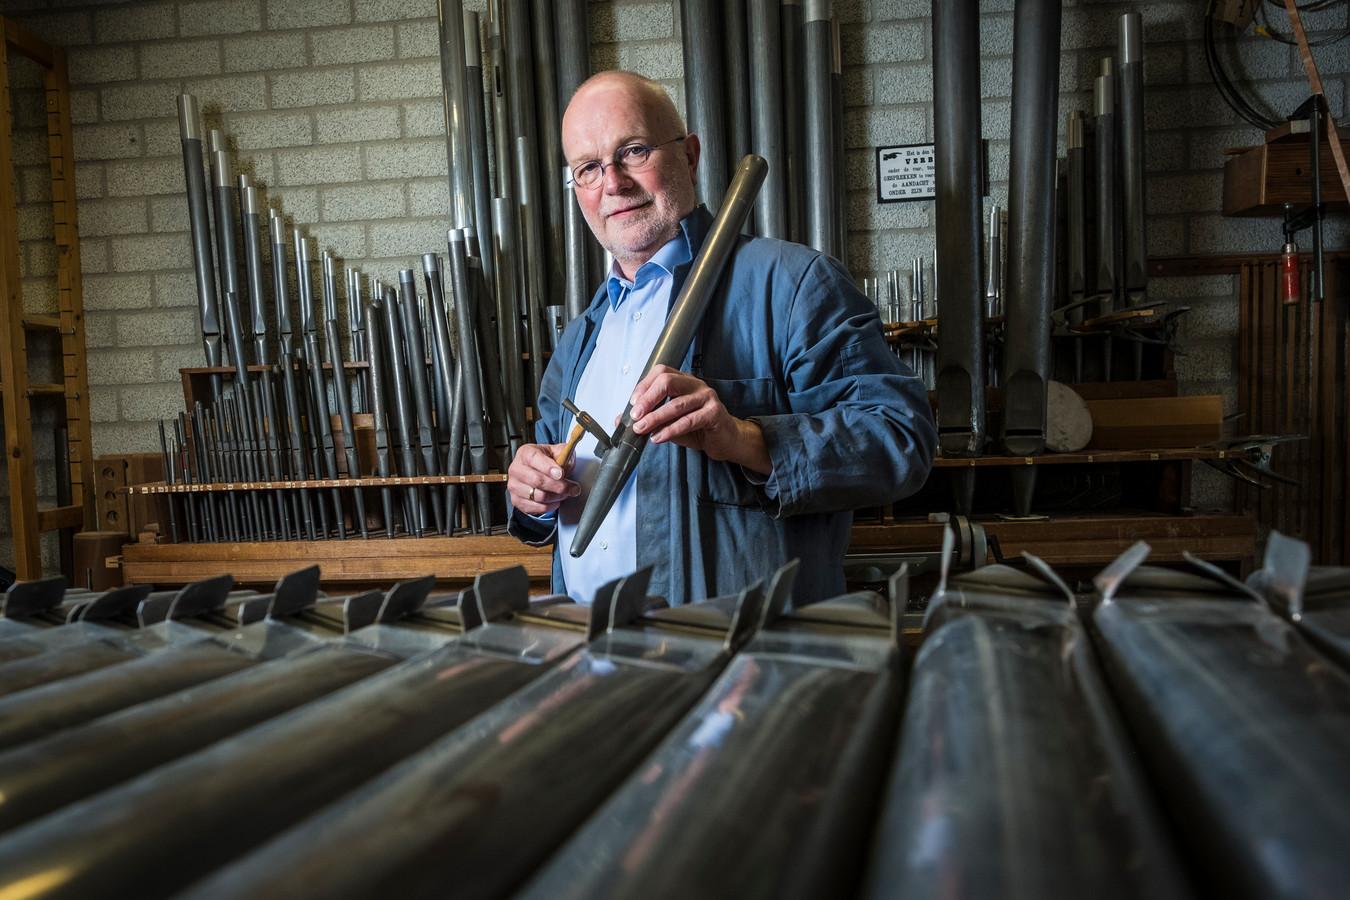 Jan Koelewijn  van orgelmakerij Reijl uit Heerde is koninklijk onderscheiden en is nu Officier in de Orde van Oranje Nassau.